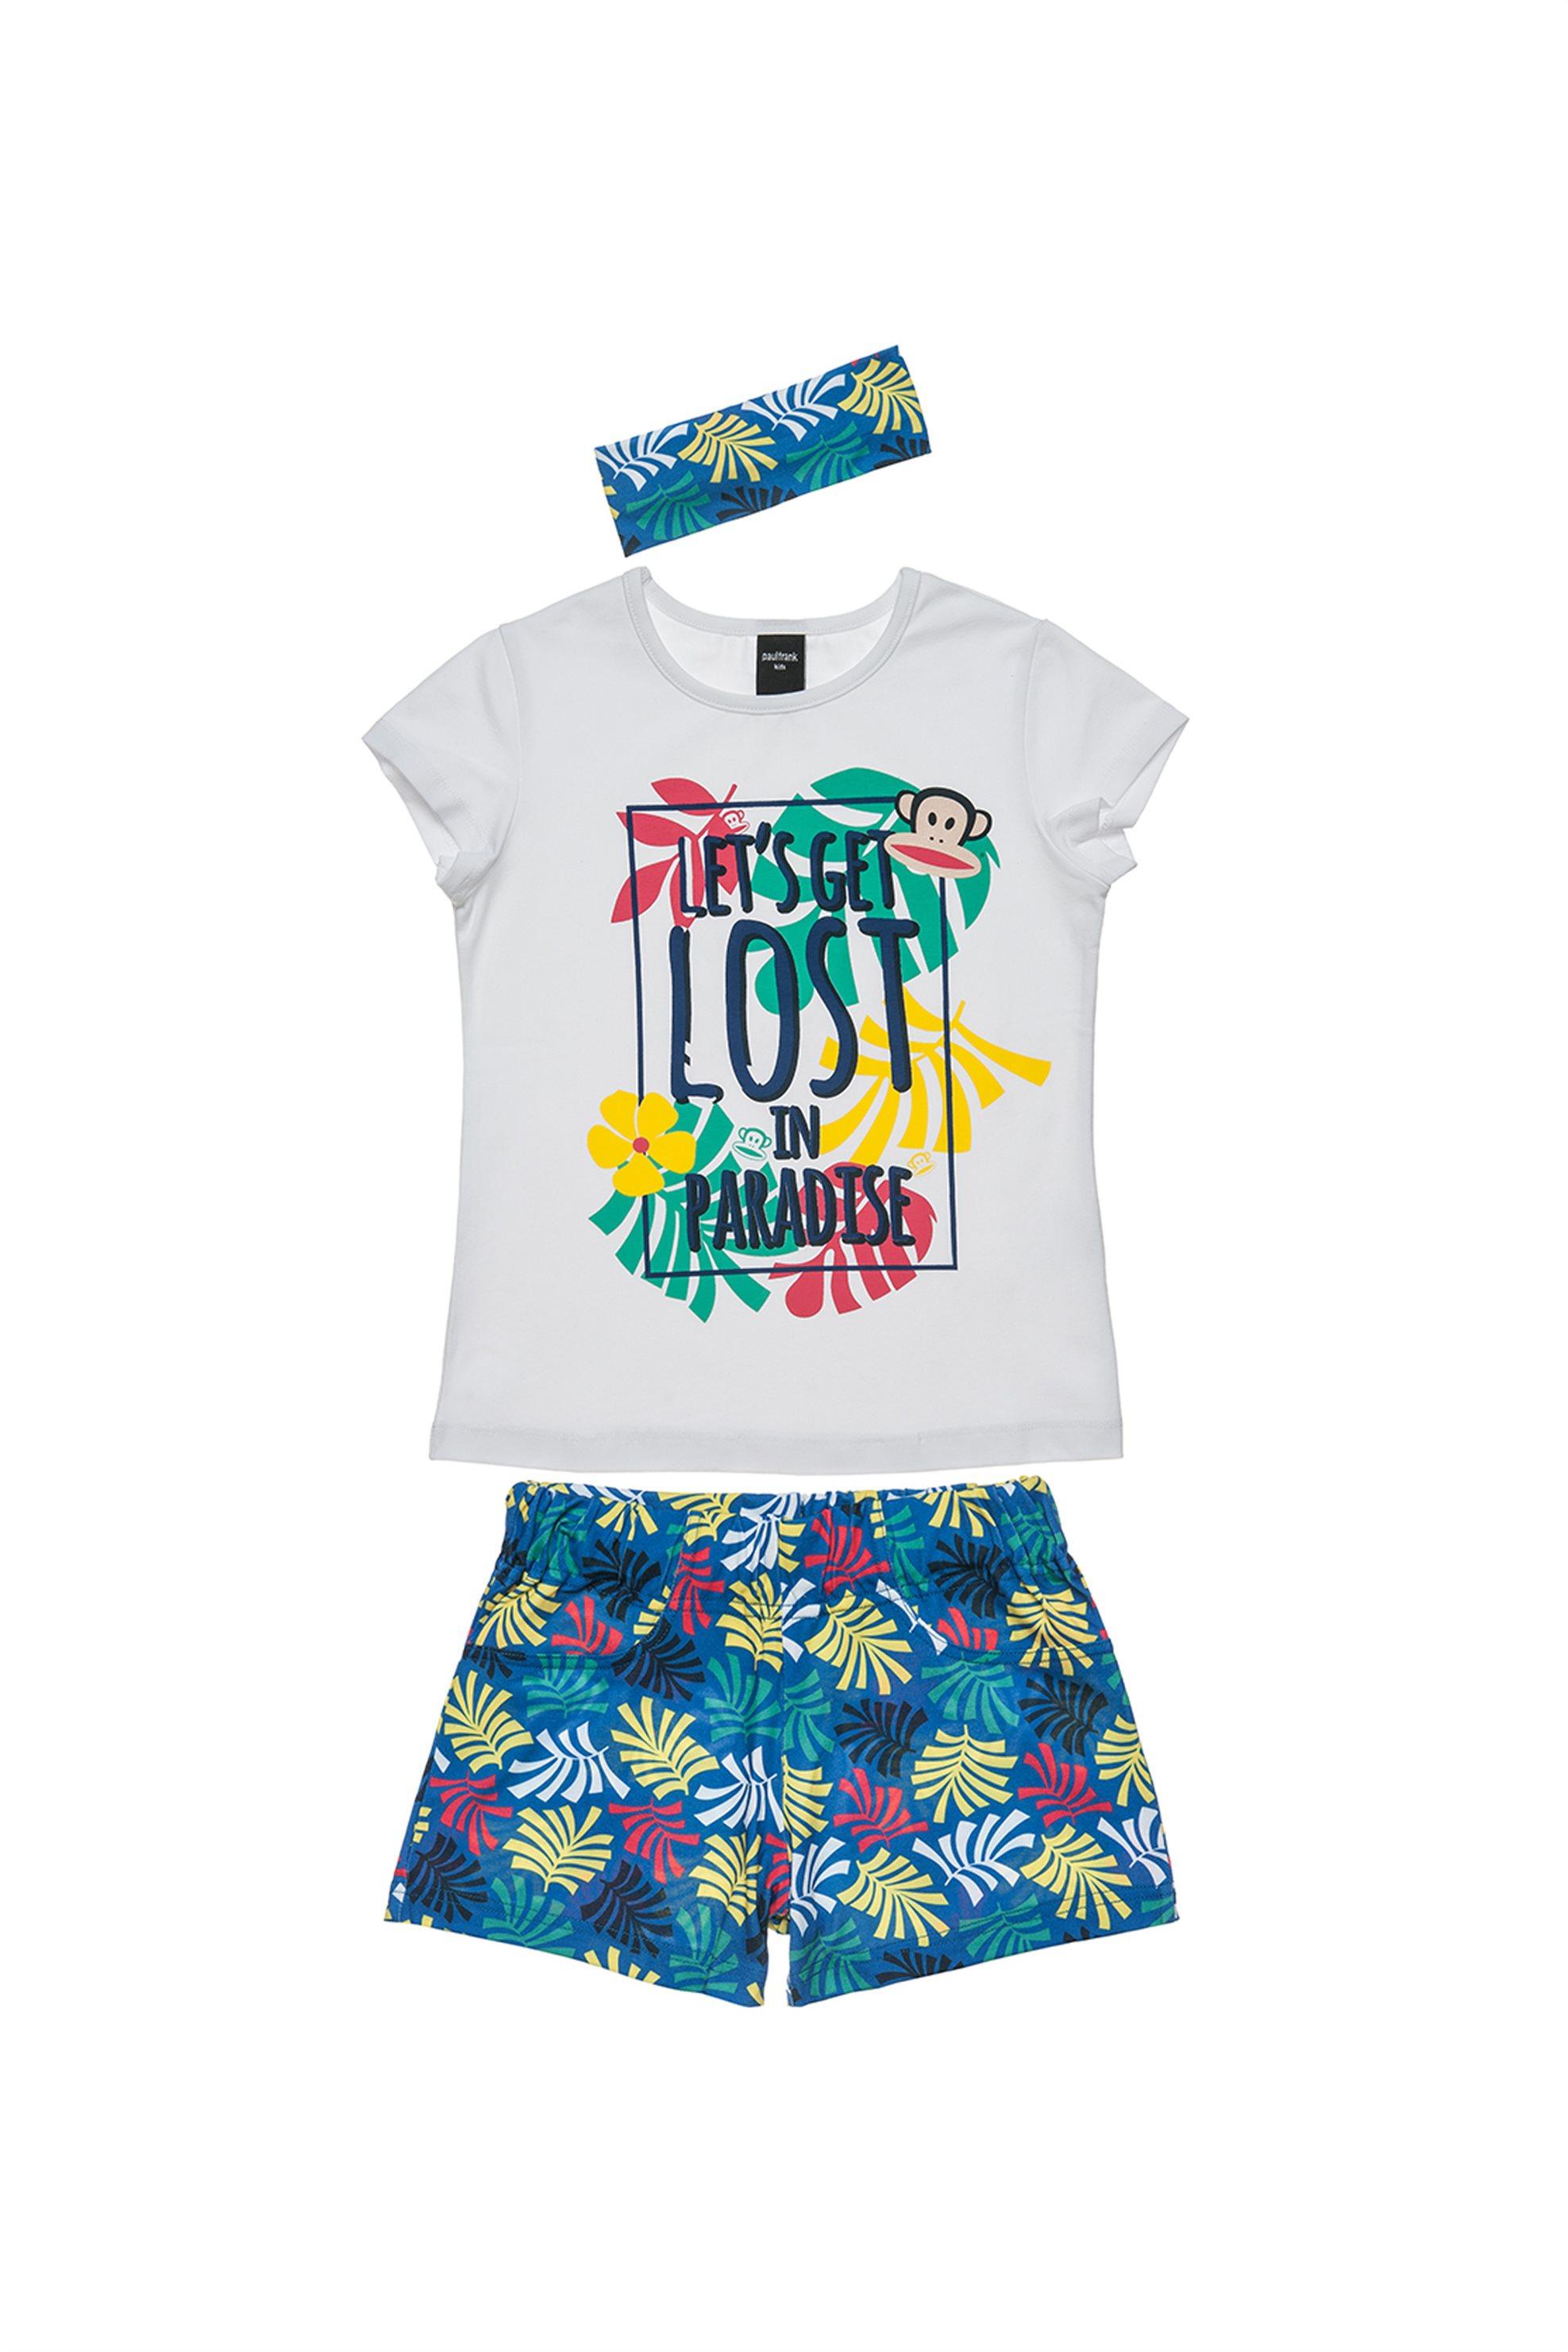 Παιδικό σετ T-shirt, βερμούδα και κορδέλα μαλλιών (6 - 14 ετών) Paul Frank - 001 παιδι   κοριτσι   4 14 ετων   σετ ρούχων